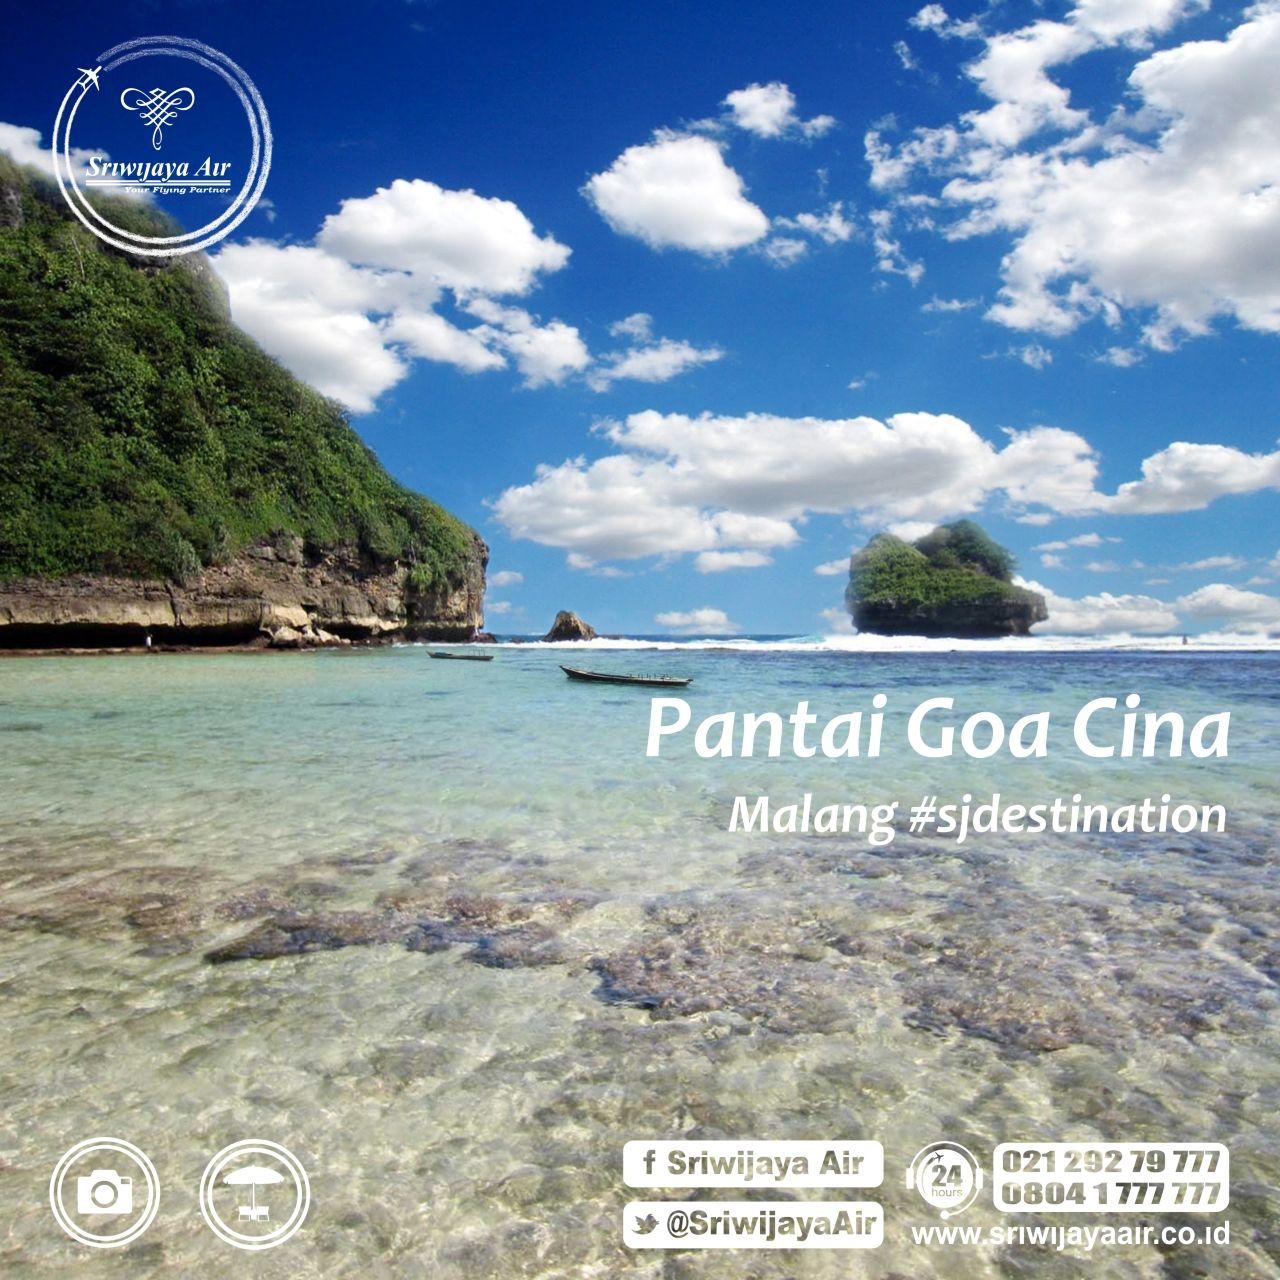 Pantai Goa Cina Terletak Desa Sitirejo Kec Sumbermanjing Wetan Kab